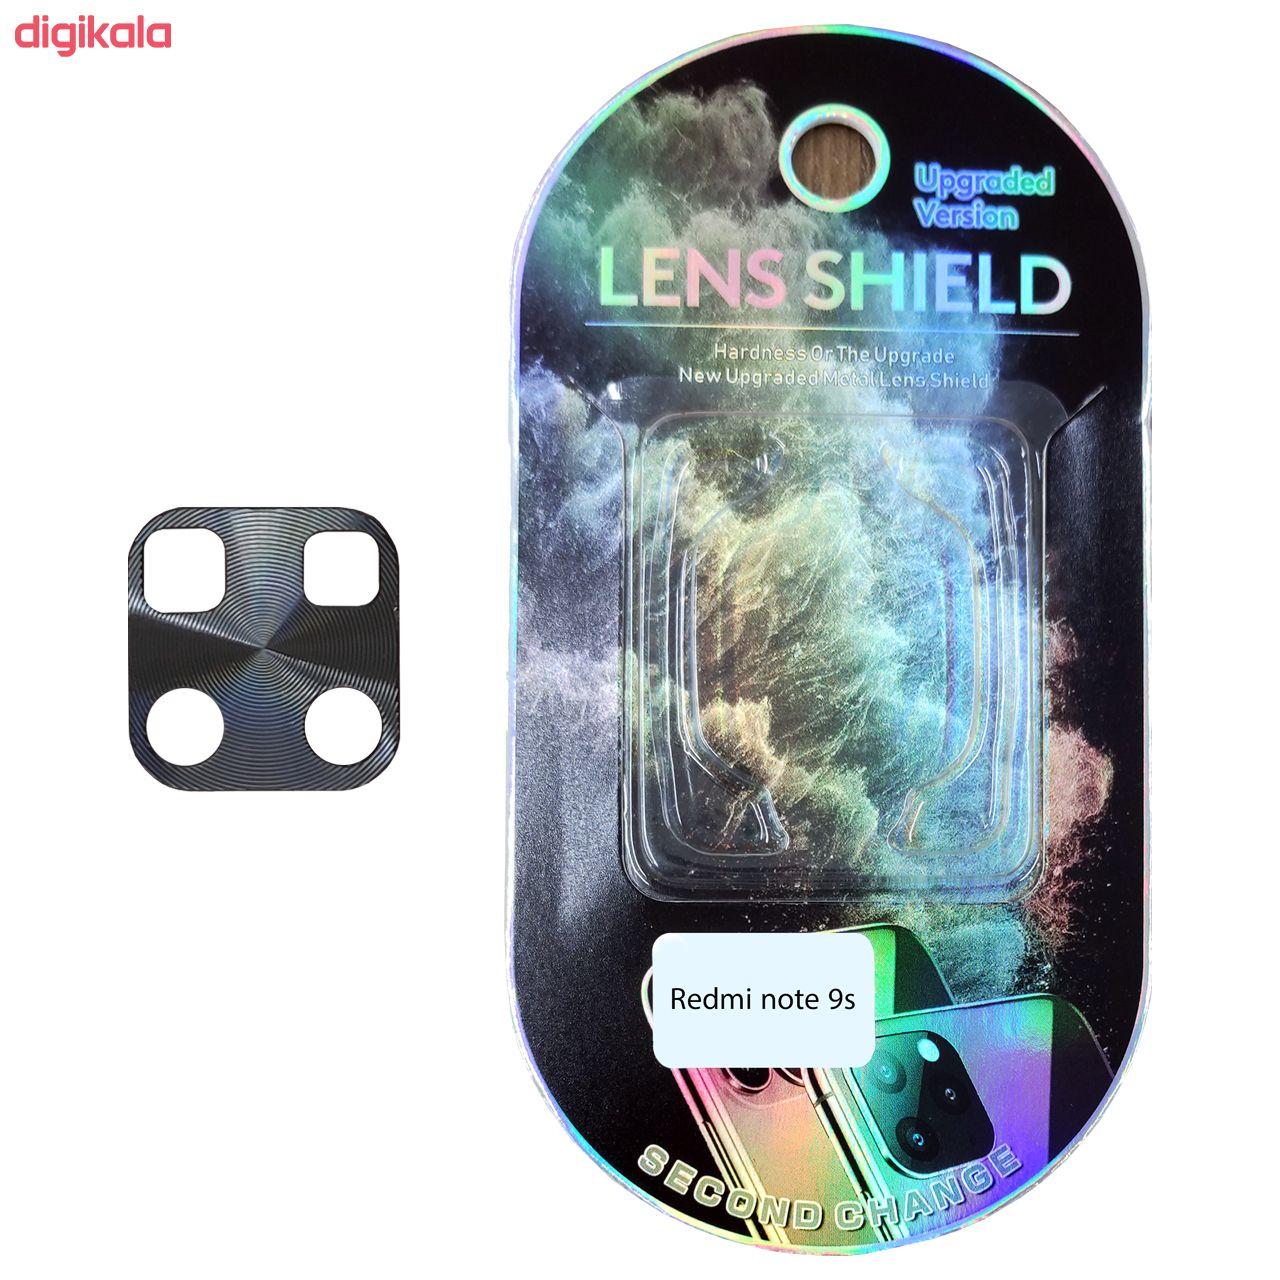 محافظ لنز دوربین مدل Flz مناسب برای گوشی موبایل شیائومی Redmi Note 9/9s/9 Pro main 1 4